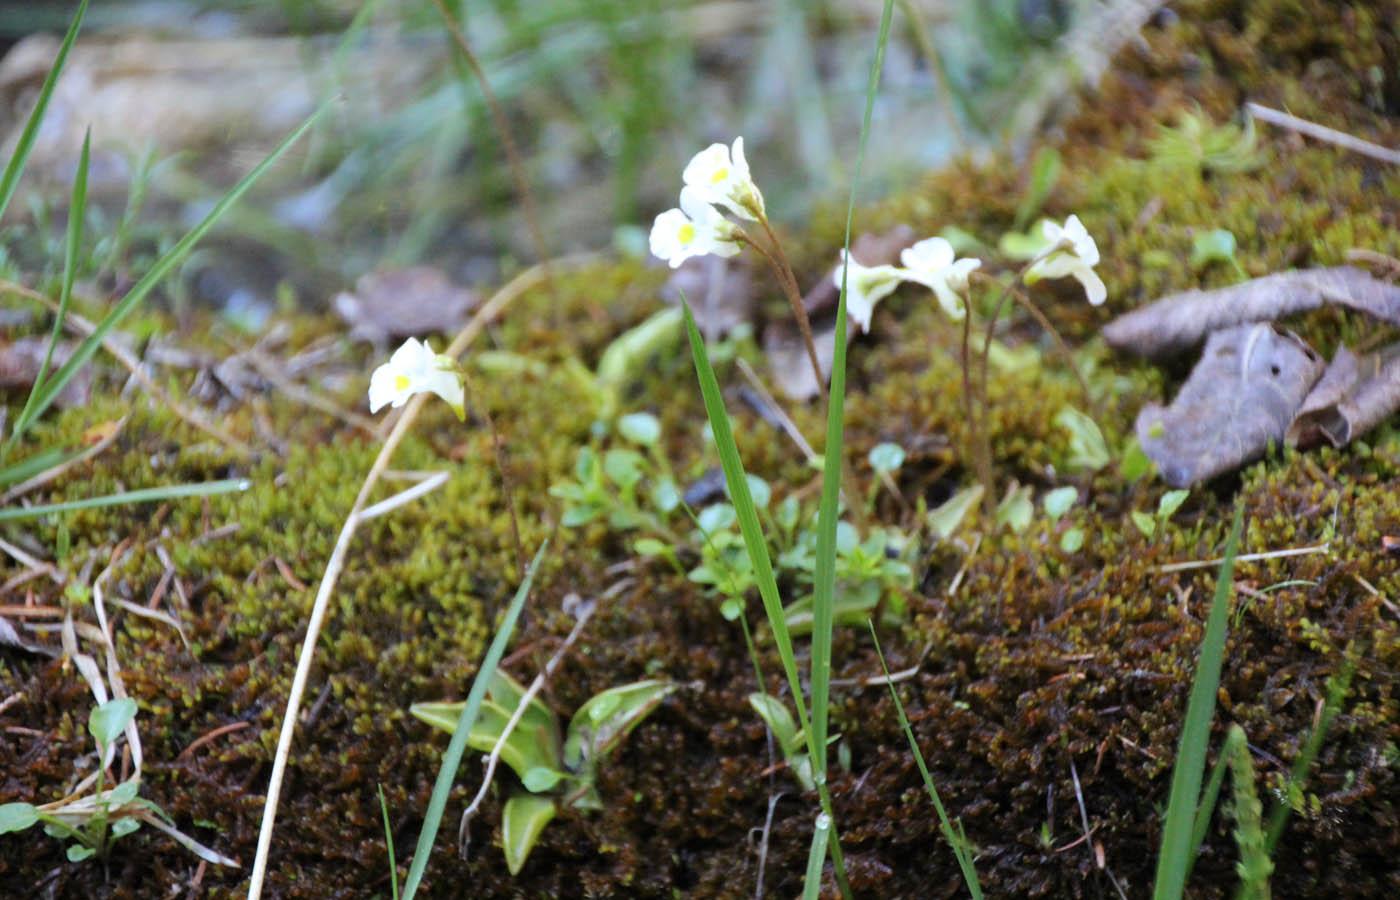 Das Alpenfettkraut ist eine seltene, fleischfressende Pflanze und sehr häufig in sumpfigen Gebieten zu finden